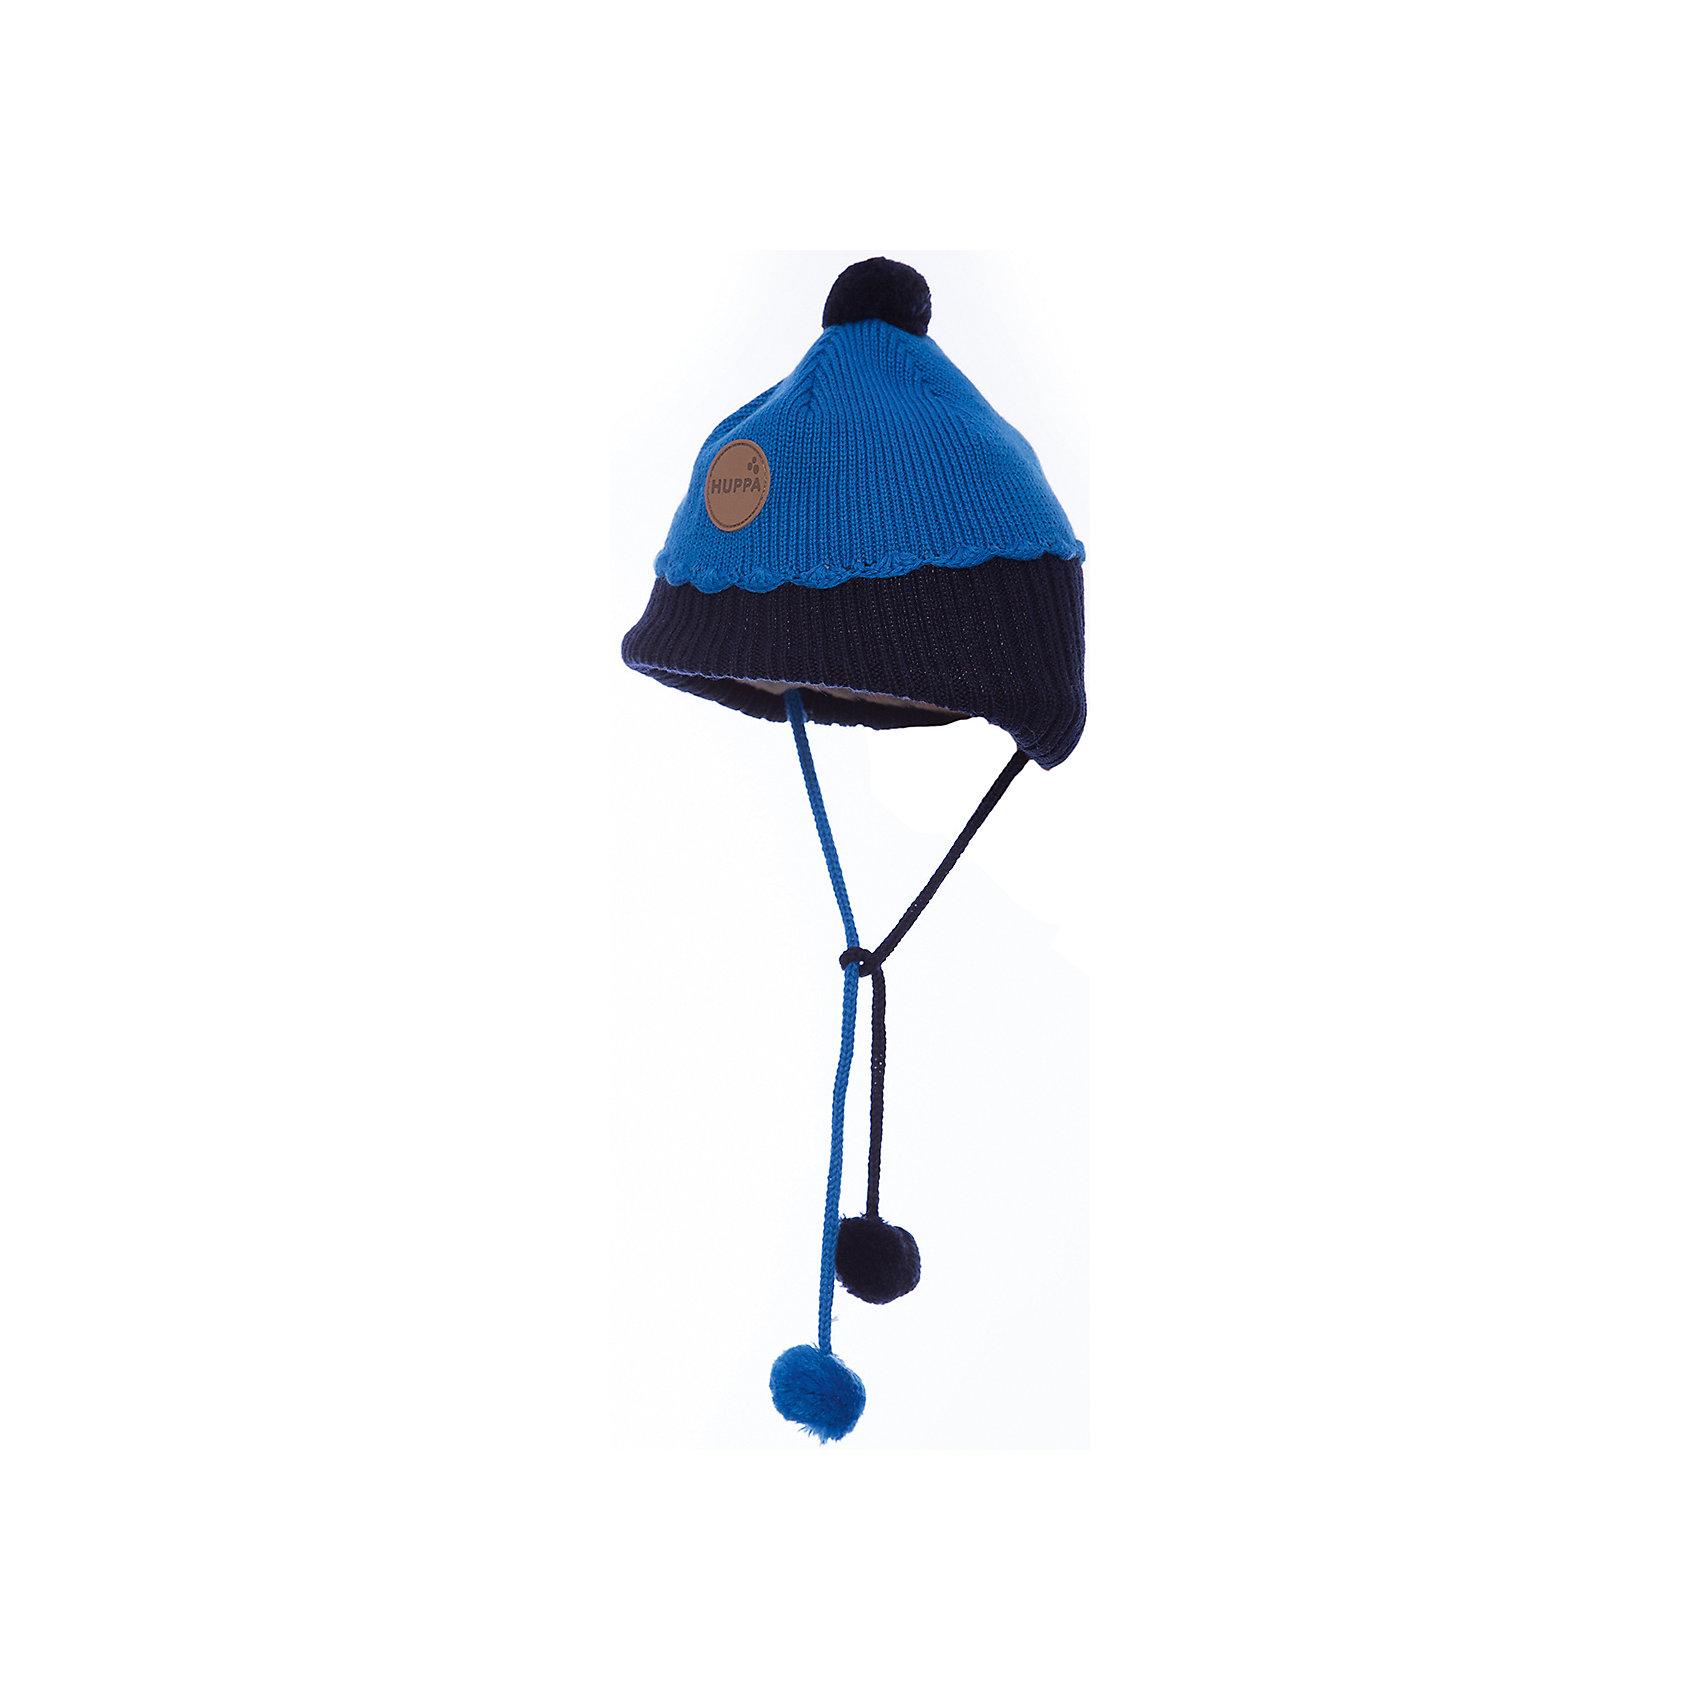 Шапка для мальчика HuppaШапочки<br>Зимняя вязаная двухцветная шапка для малышей. Для удобства ношения у шапки приятная подкладка из хлопкового трикотажа, наружная часть из смеси 50% мериносовой шерсти и 50% акриловой пряжи. Более интересной шапку делают разноцветные ленты с помпонами, при помощи которых шапку можно завязать и защитить уши от холода, а также кружева в разрезе. <br><br><br><br>Шапку для мальчика Huppa (Хуппа) можно купить в нашем магазине.<br><br>Ширина мм: 89<br>Глубина мм: 117<br>Высота мм: 44<br>Вес г: 155<br>Цвет: синий<br>Возраст от месяцев: 9<br>Возраст до месяцев: 12<br>Пол: Мужской<br>Возраст: Детский<br>Размер: 43-45,51-53,47-49<br>SKU: 4242928